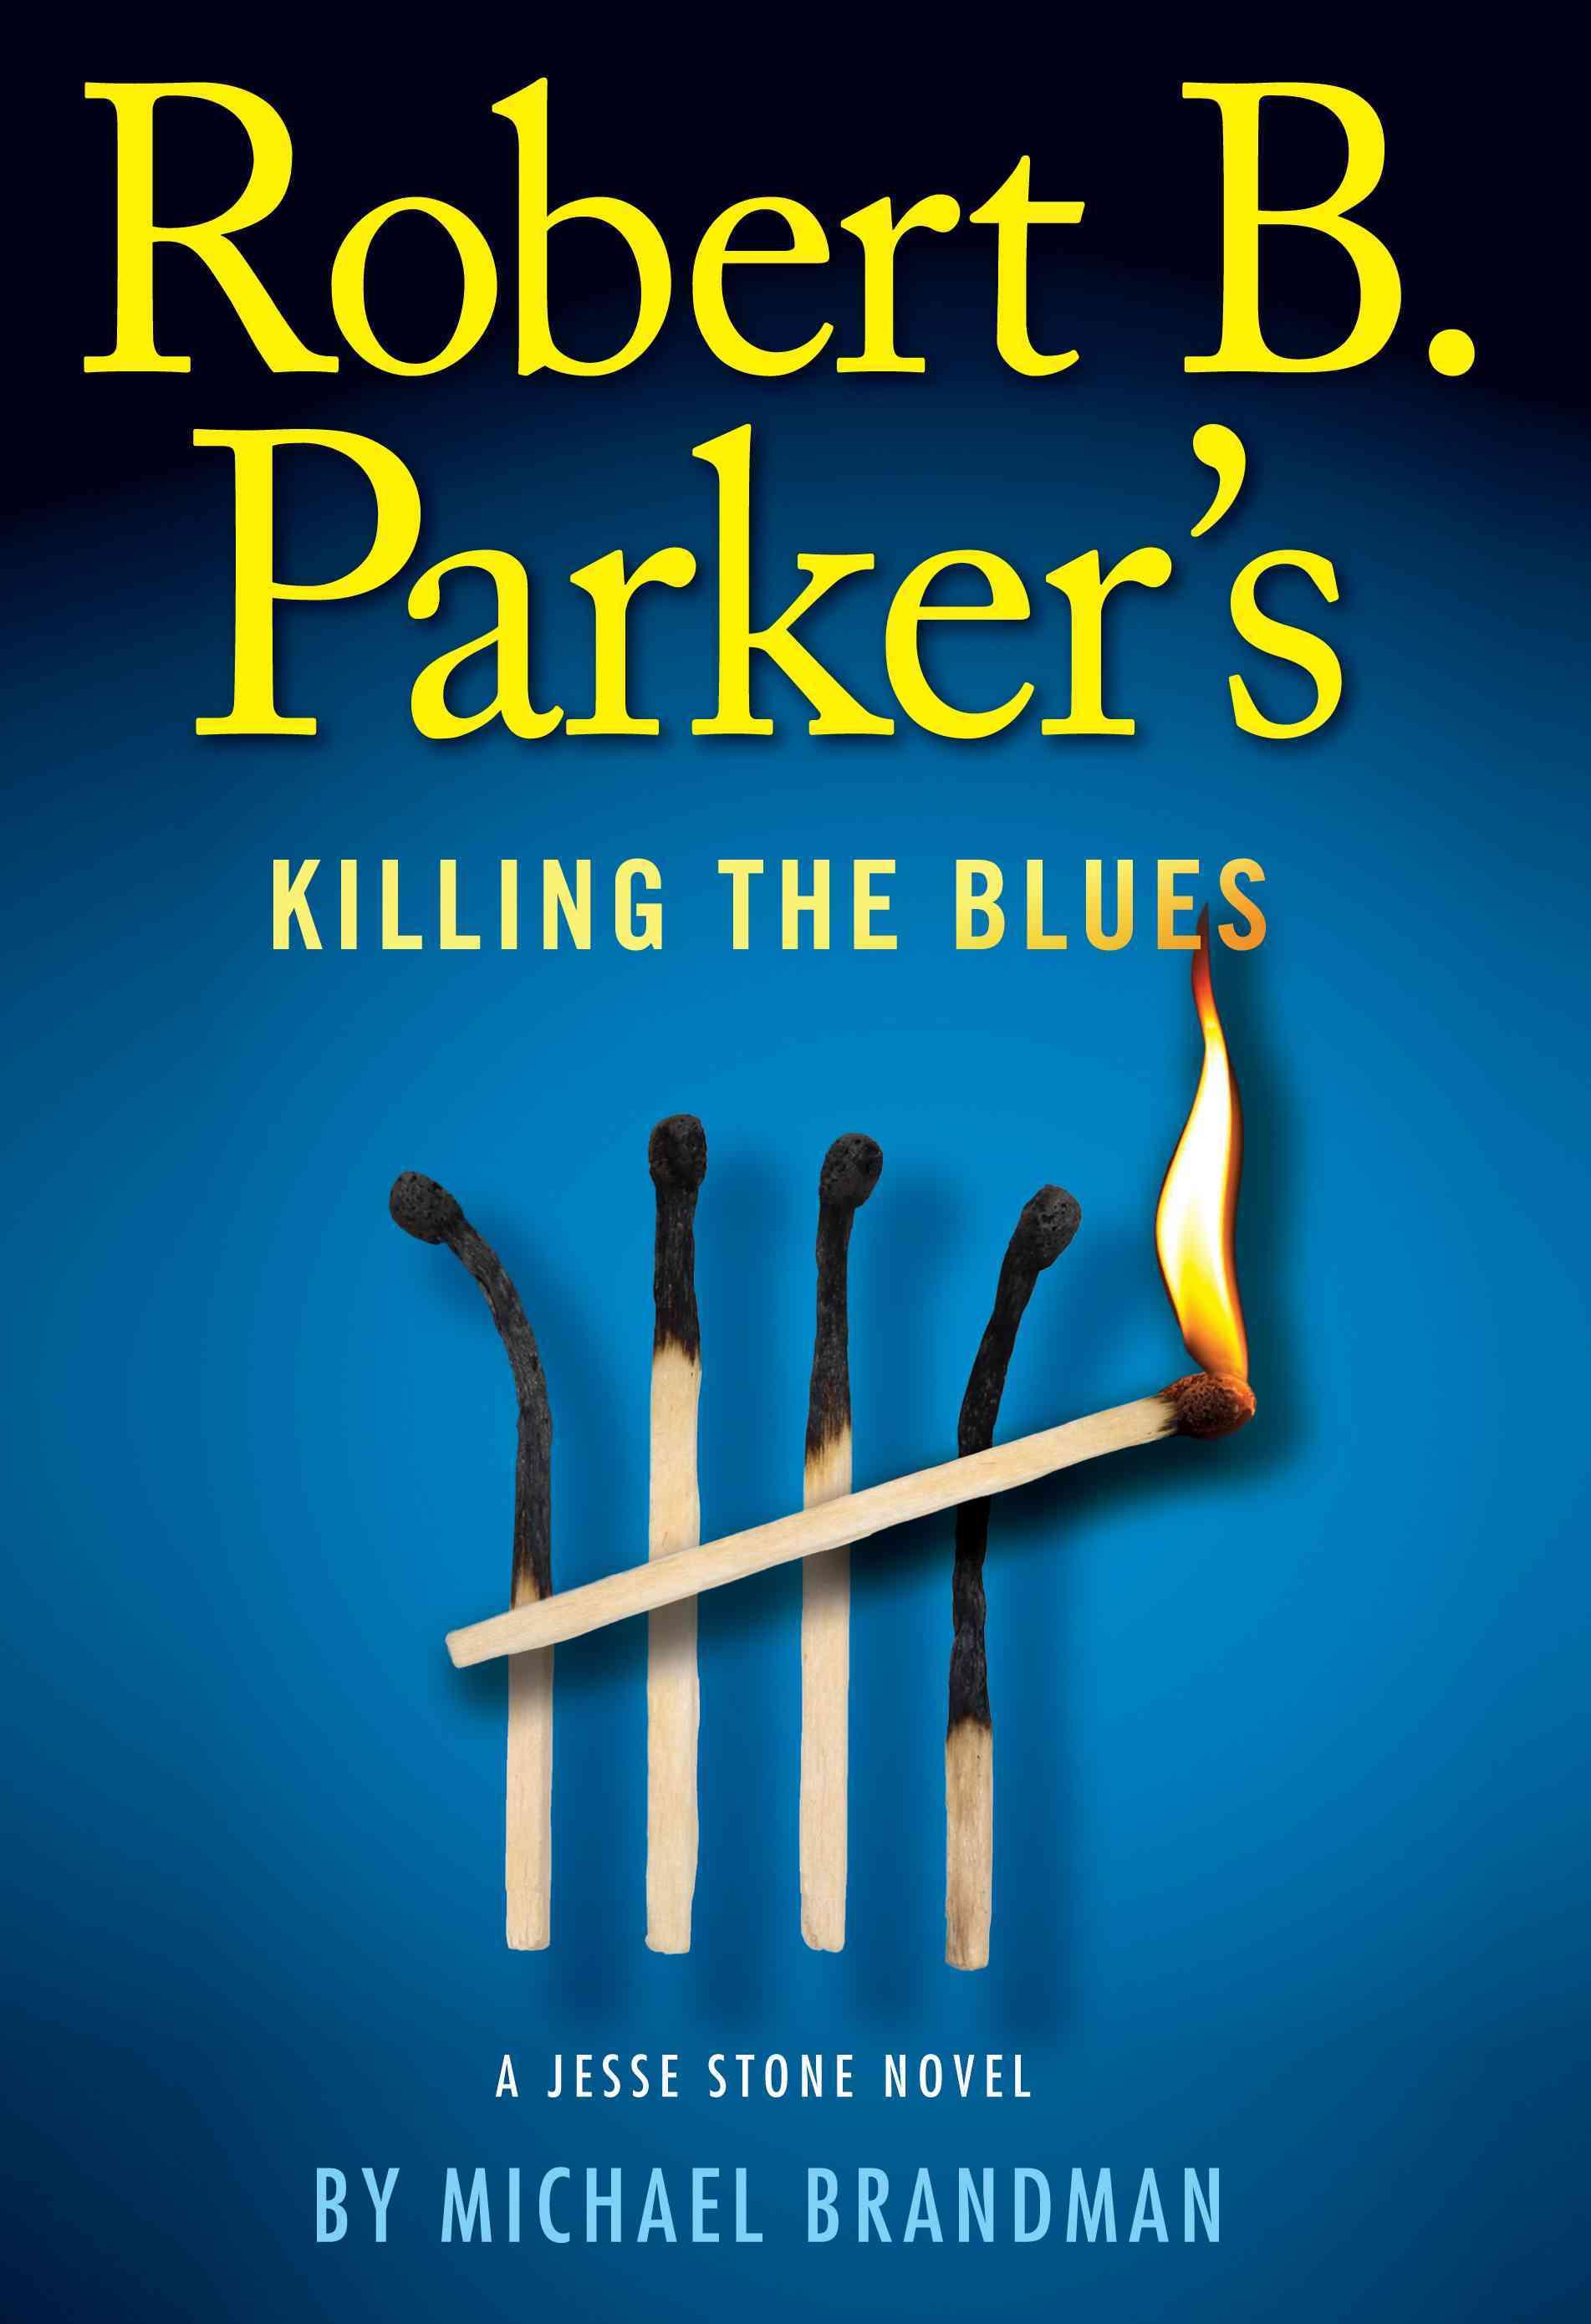 Robert B. Parker's Killing the Blues (Hardcover)